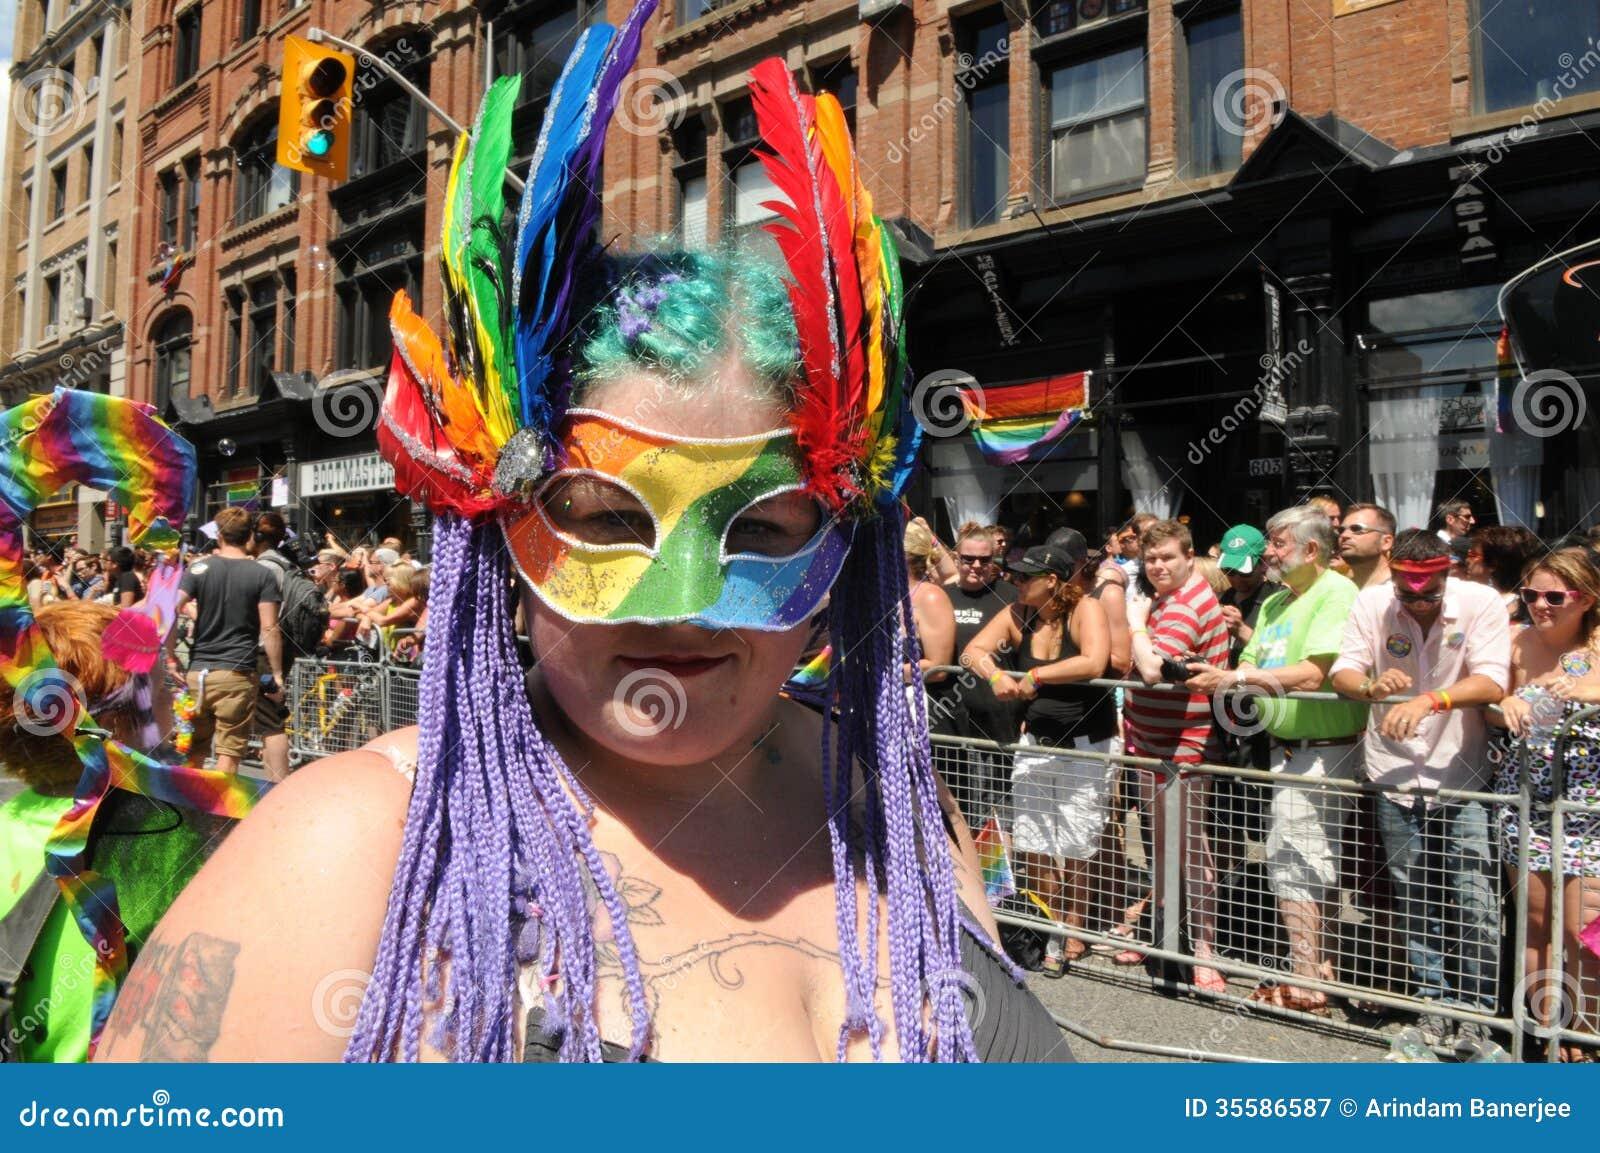 from Joel gay parade mask